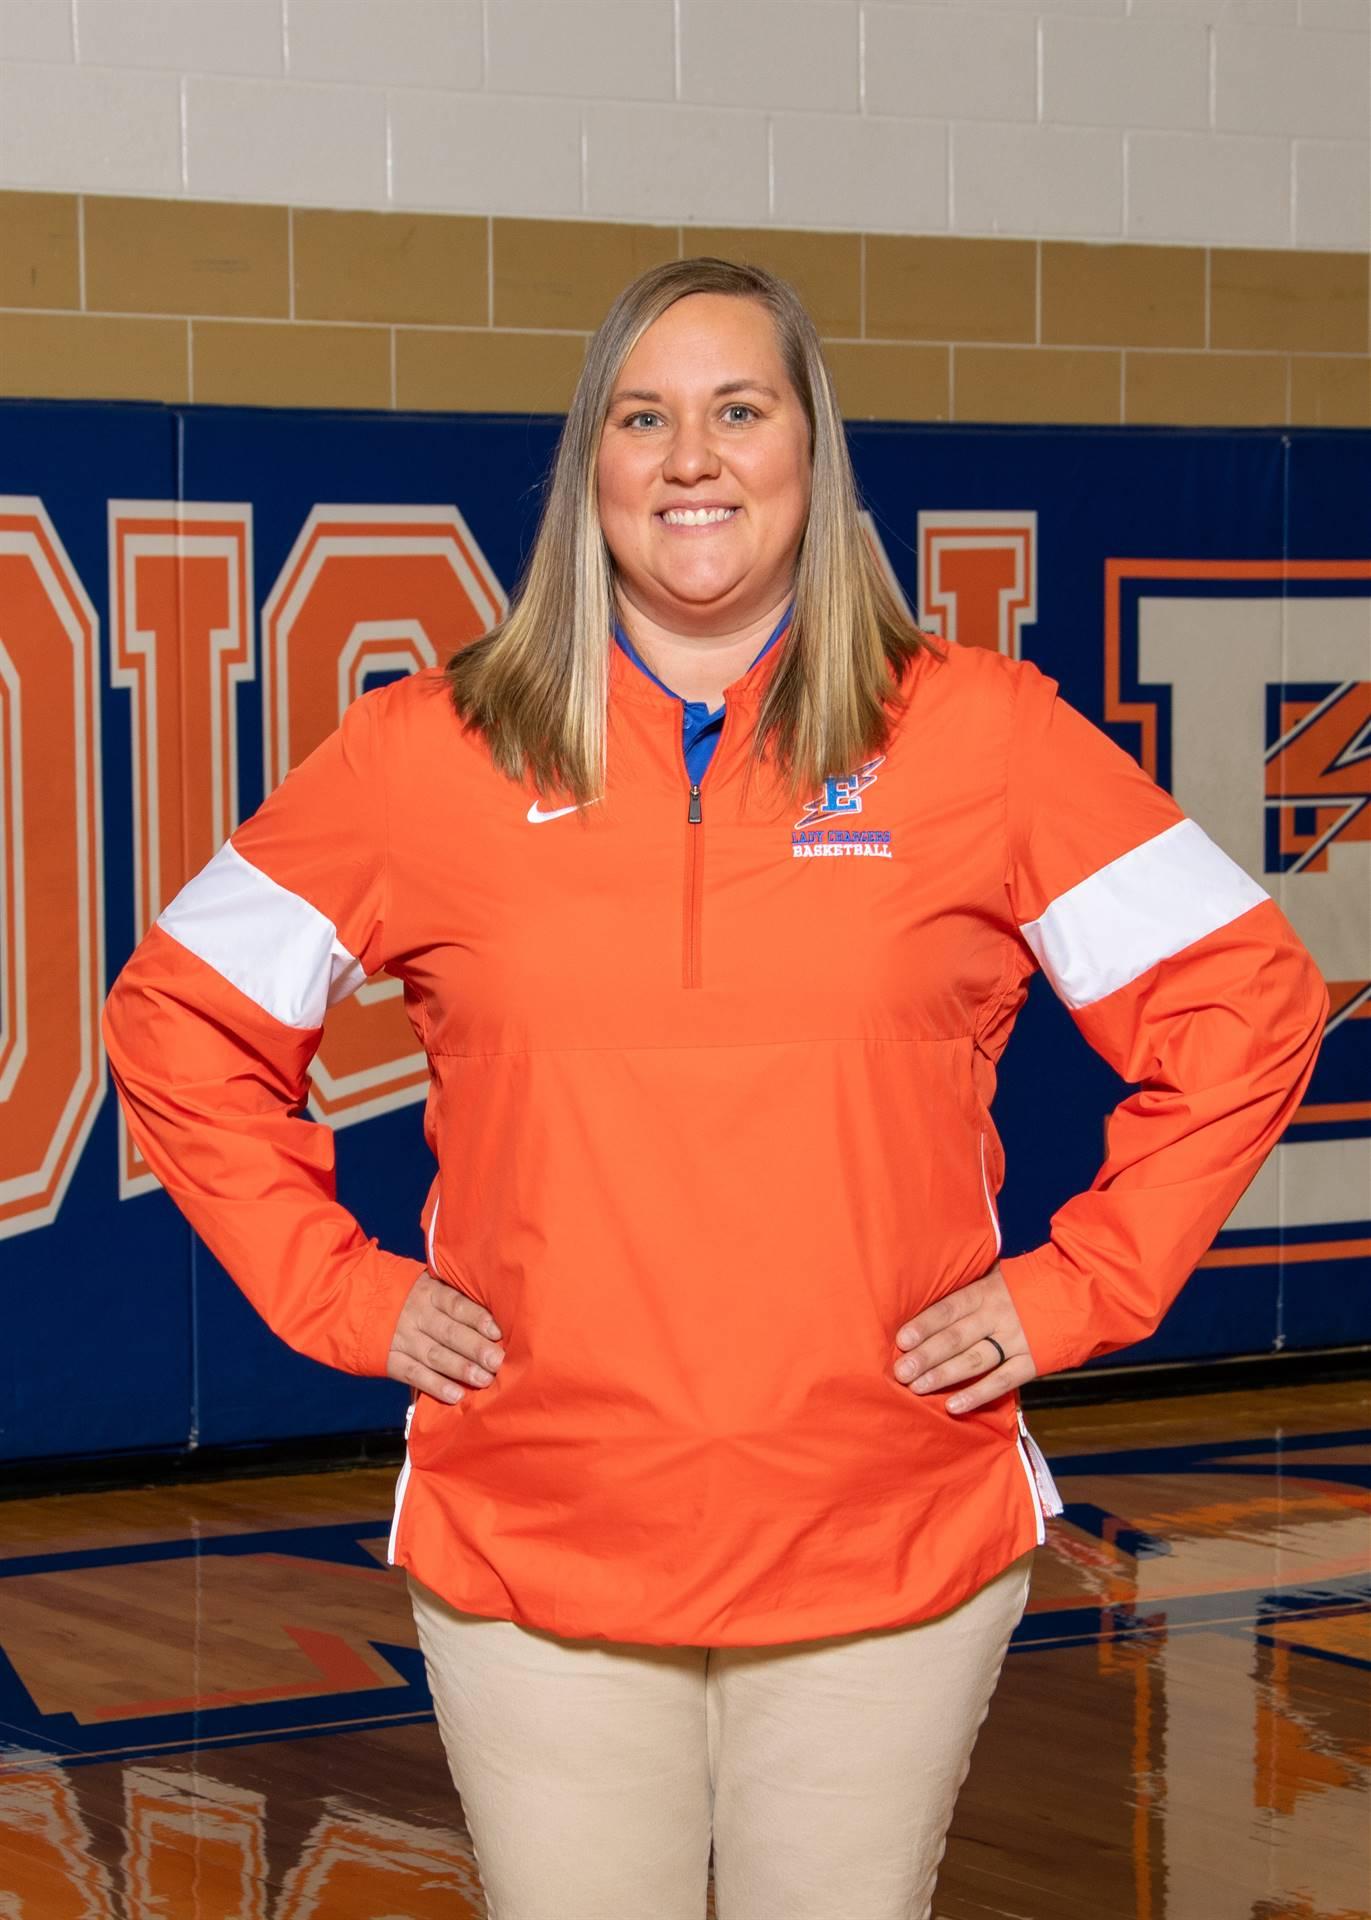 JV Head Coach - Chelsey Meagrow